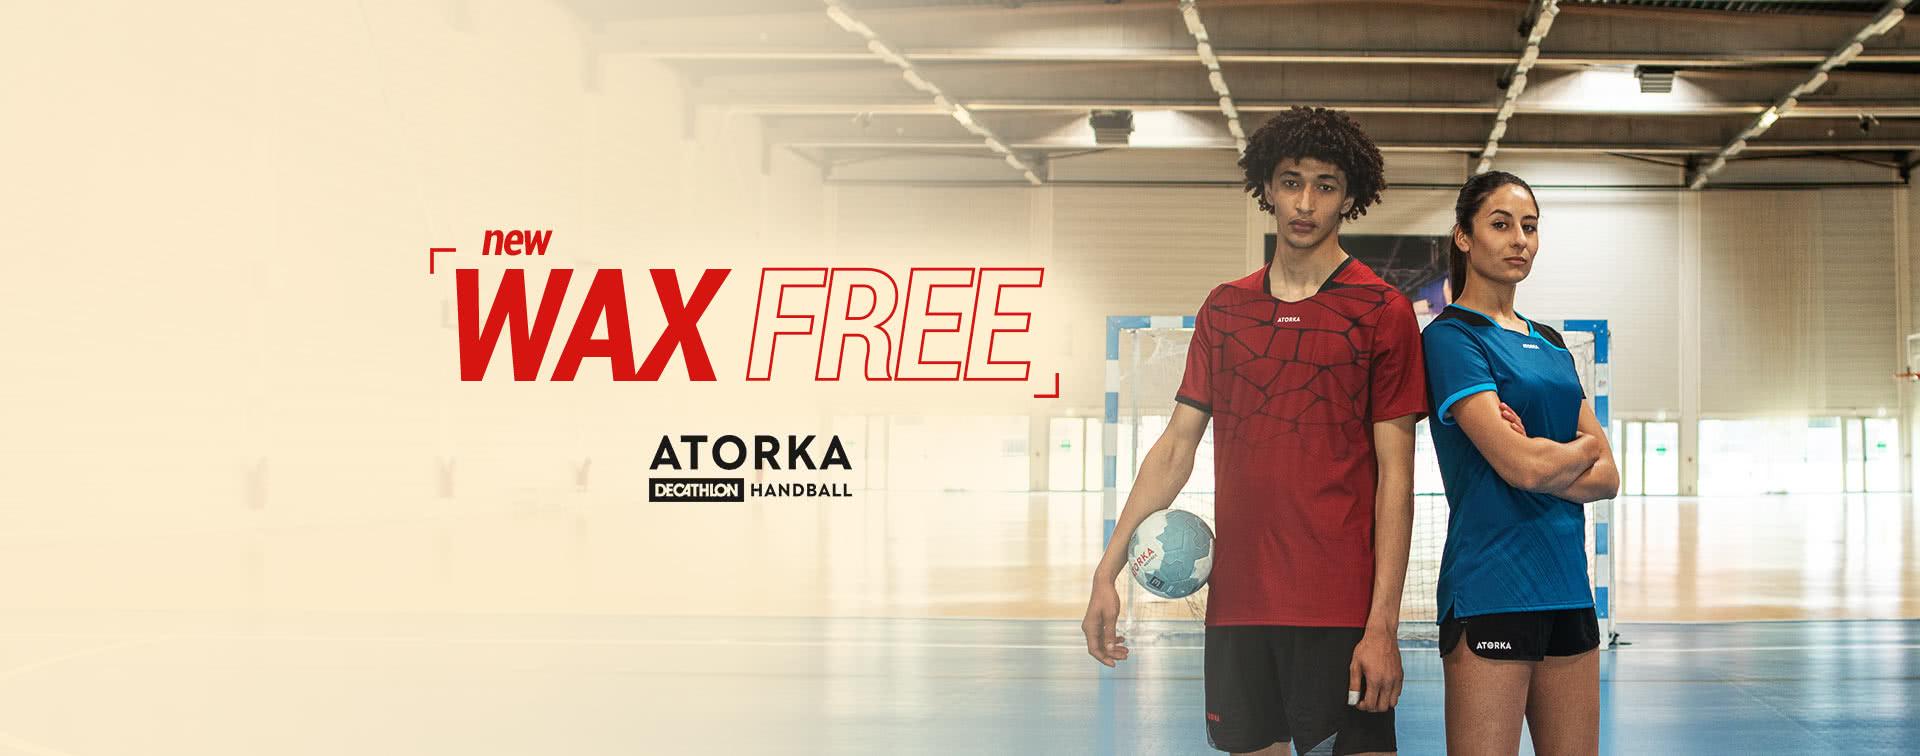 handball Atorka Decathlon